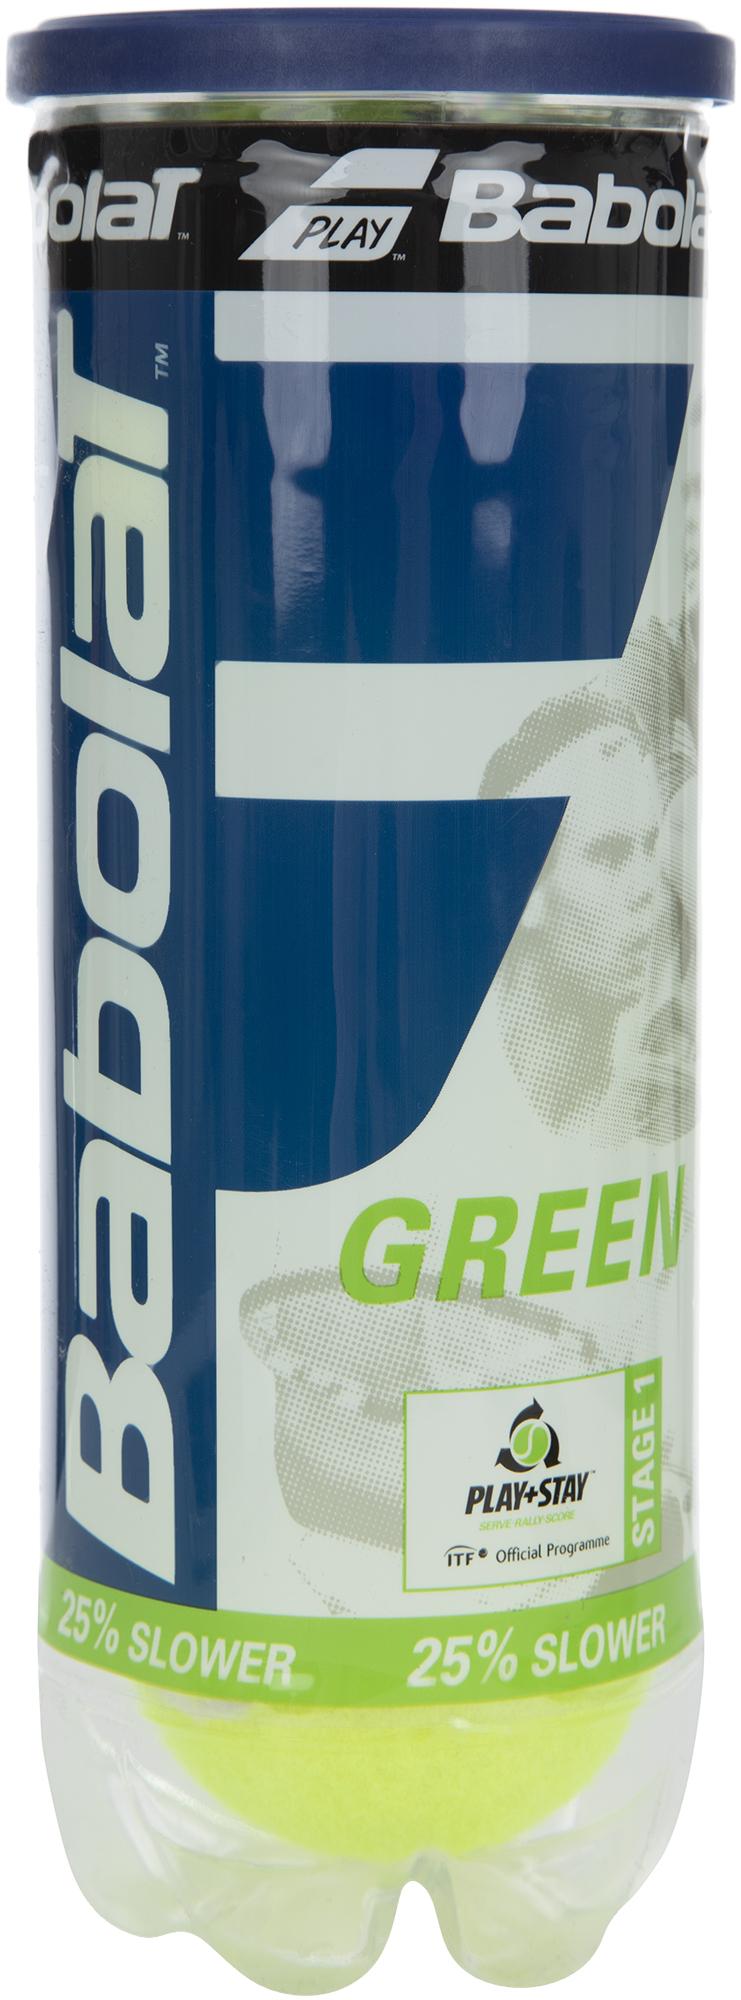 Babolat Набор теннисных мячей Babolat Green X3 babolat набор мячей для большого тенниса babolat orange x3 размер без размера